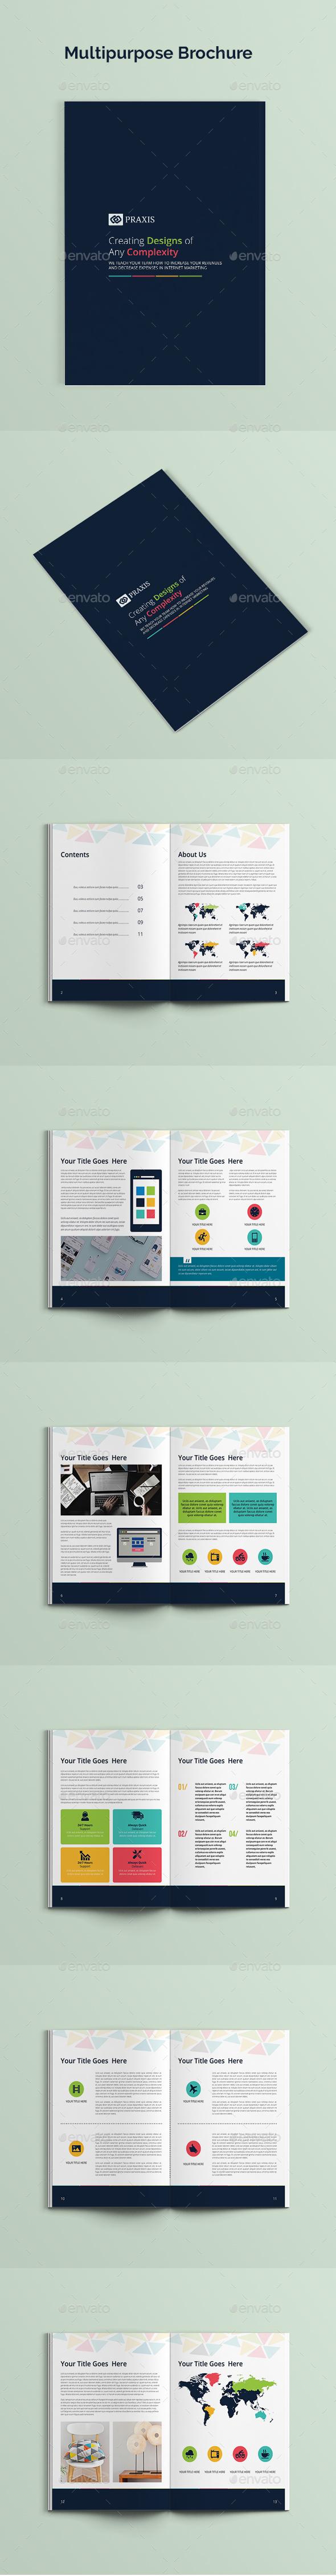 GraphicRiver Multipurpose Brochure 20480488